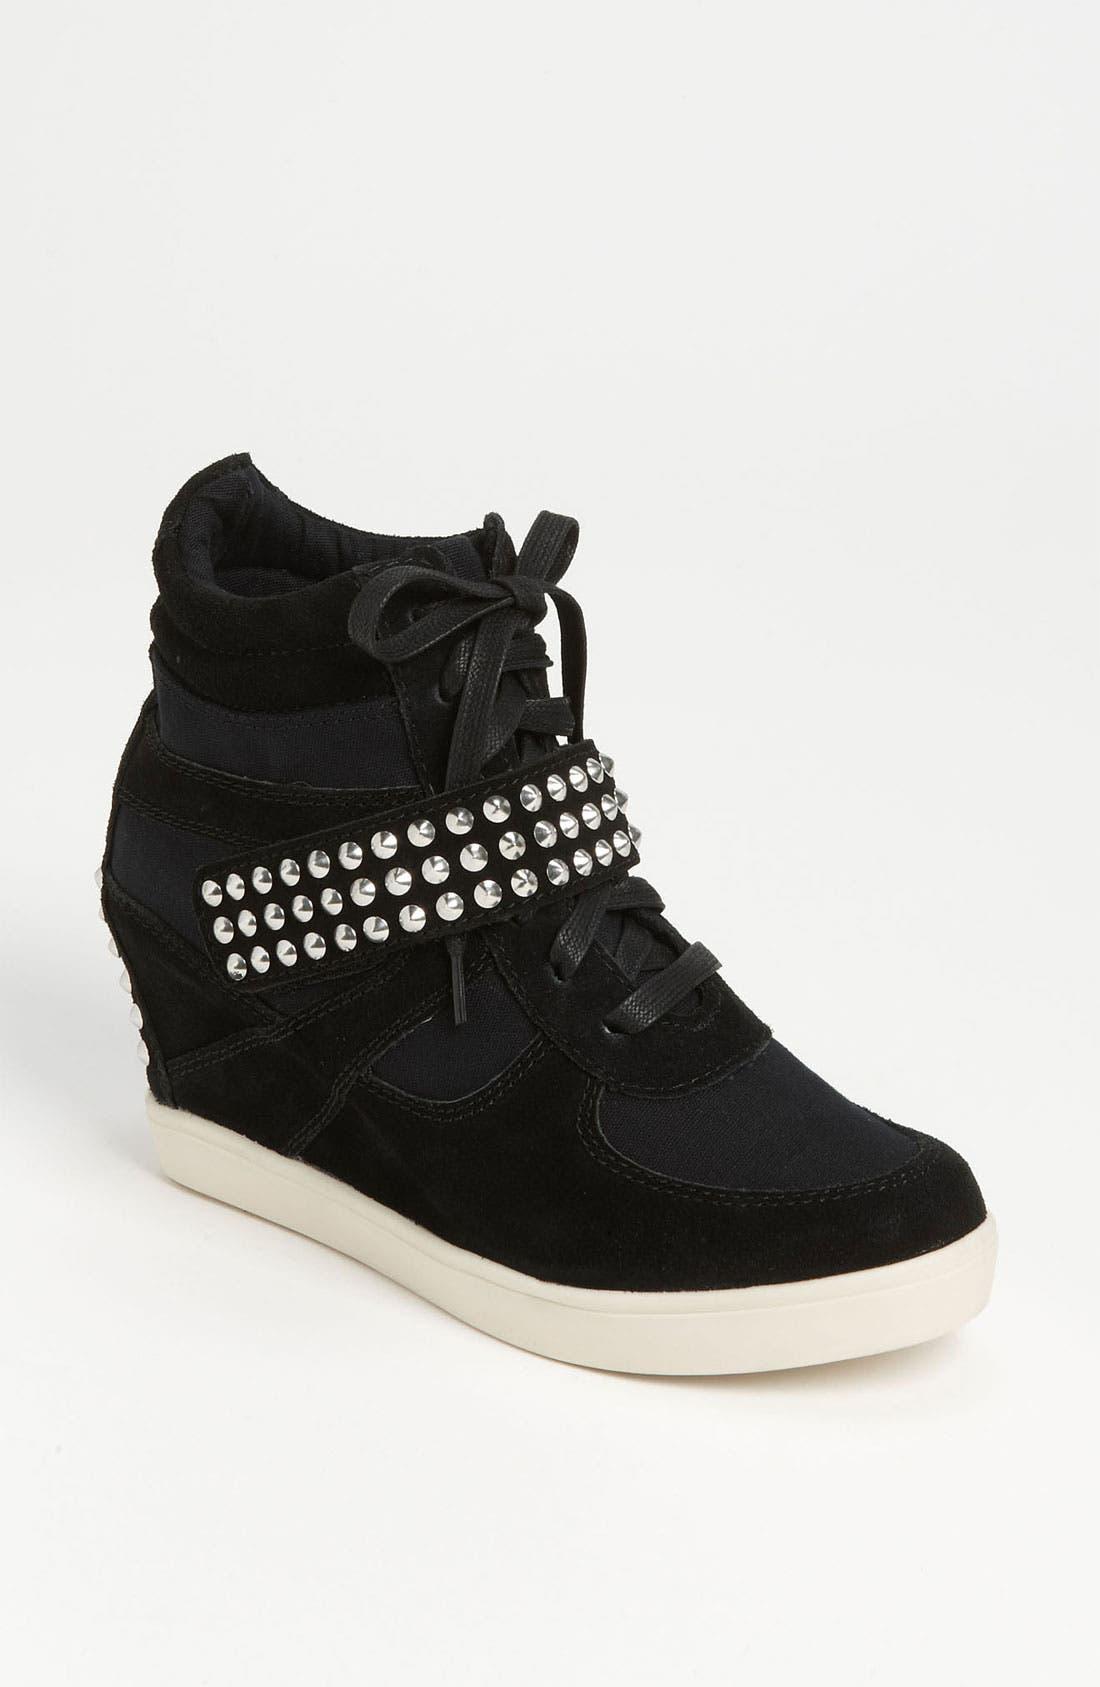 Steve Madden 'Olympa-S' Wedge Sneaker